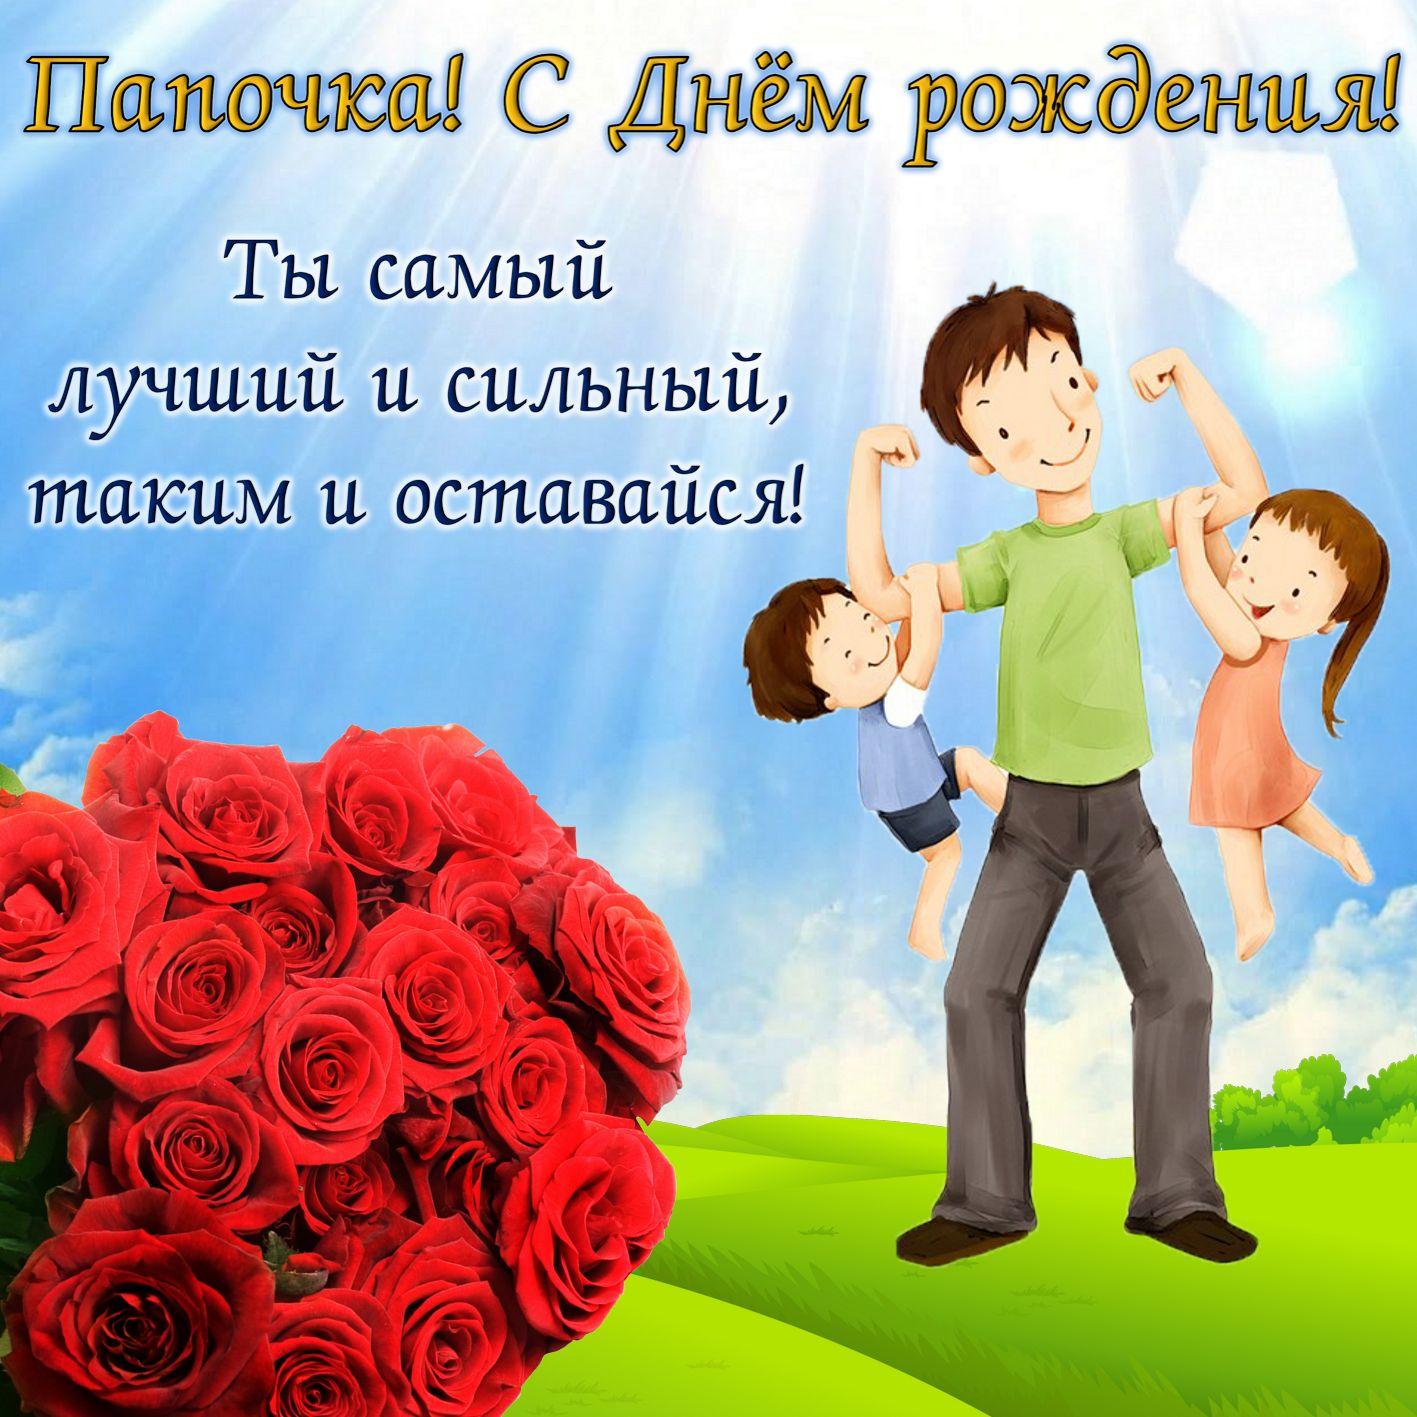 Поздравление с днем рождения любимый папе от дочки